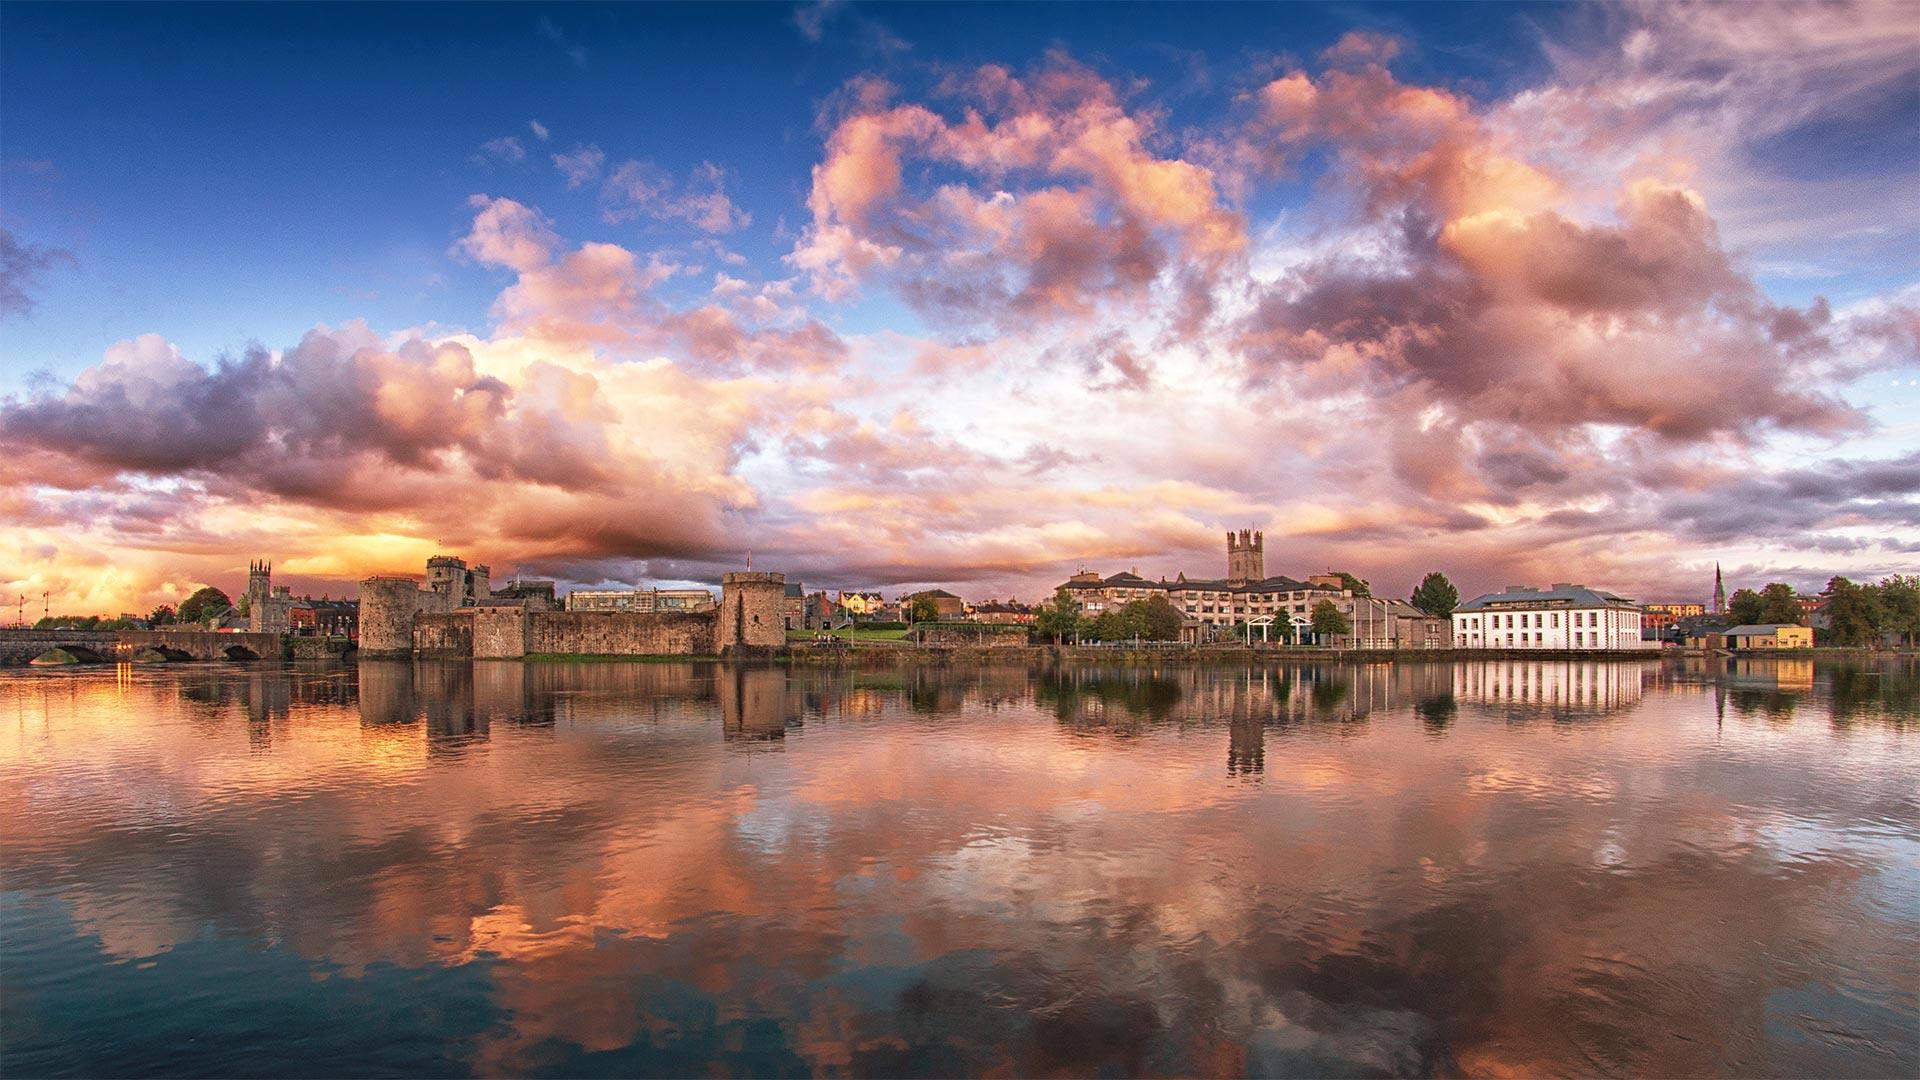 香浓河对岸的景色,爱尔兰利默里克 (© Piotr Machowczyk/Shutterstock)